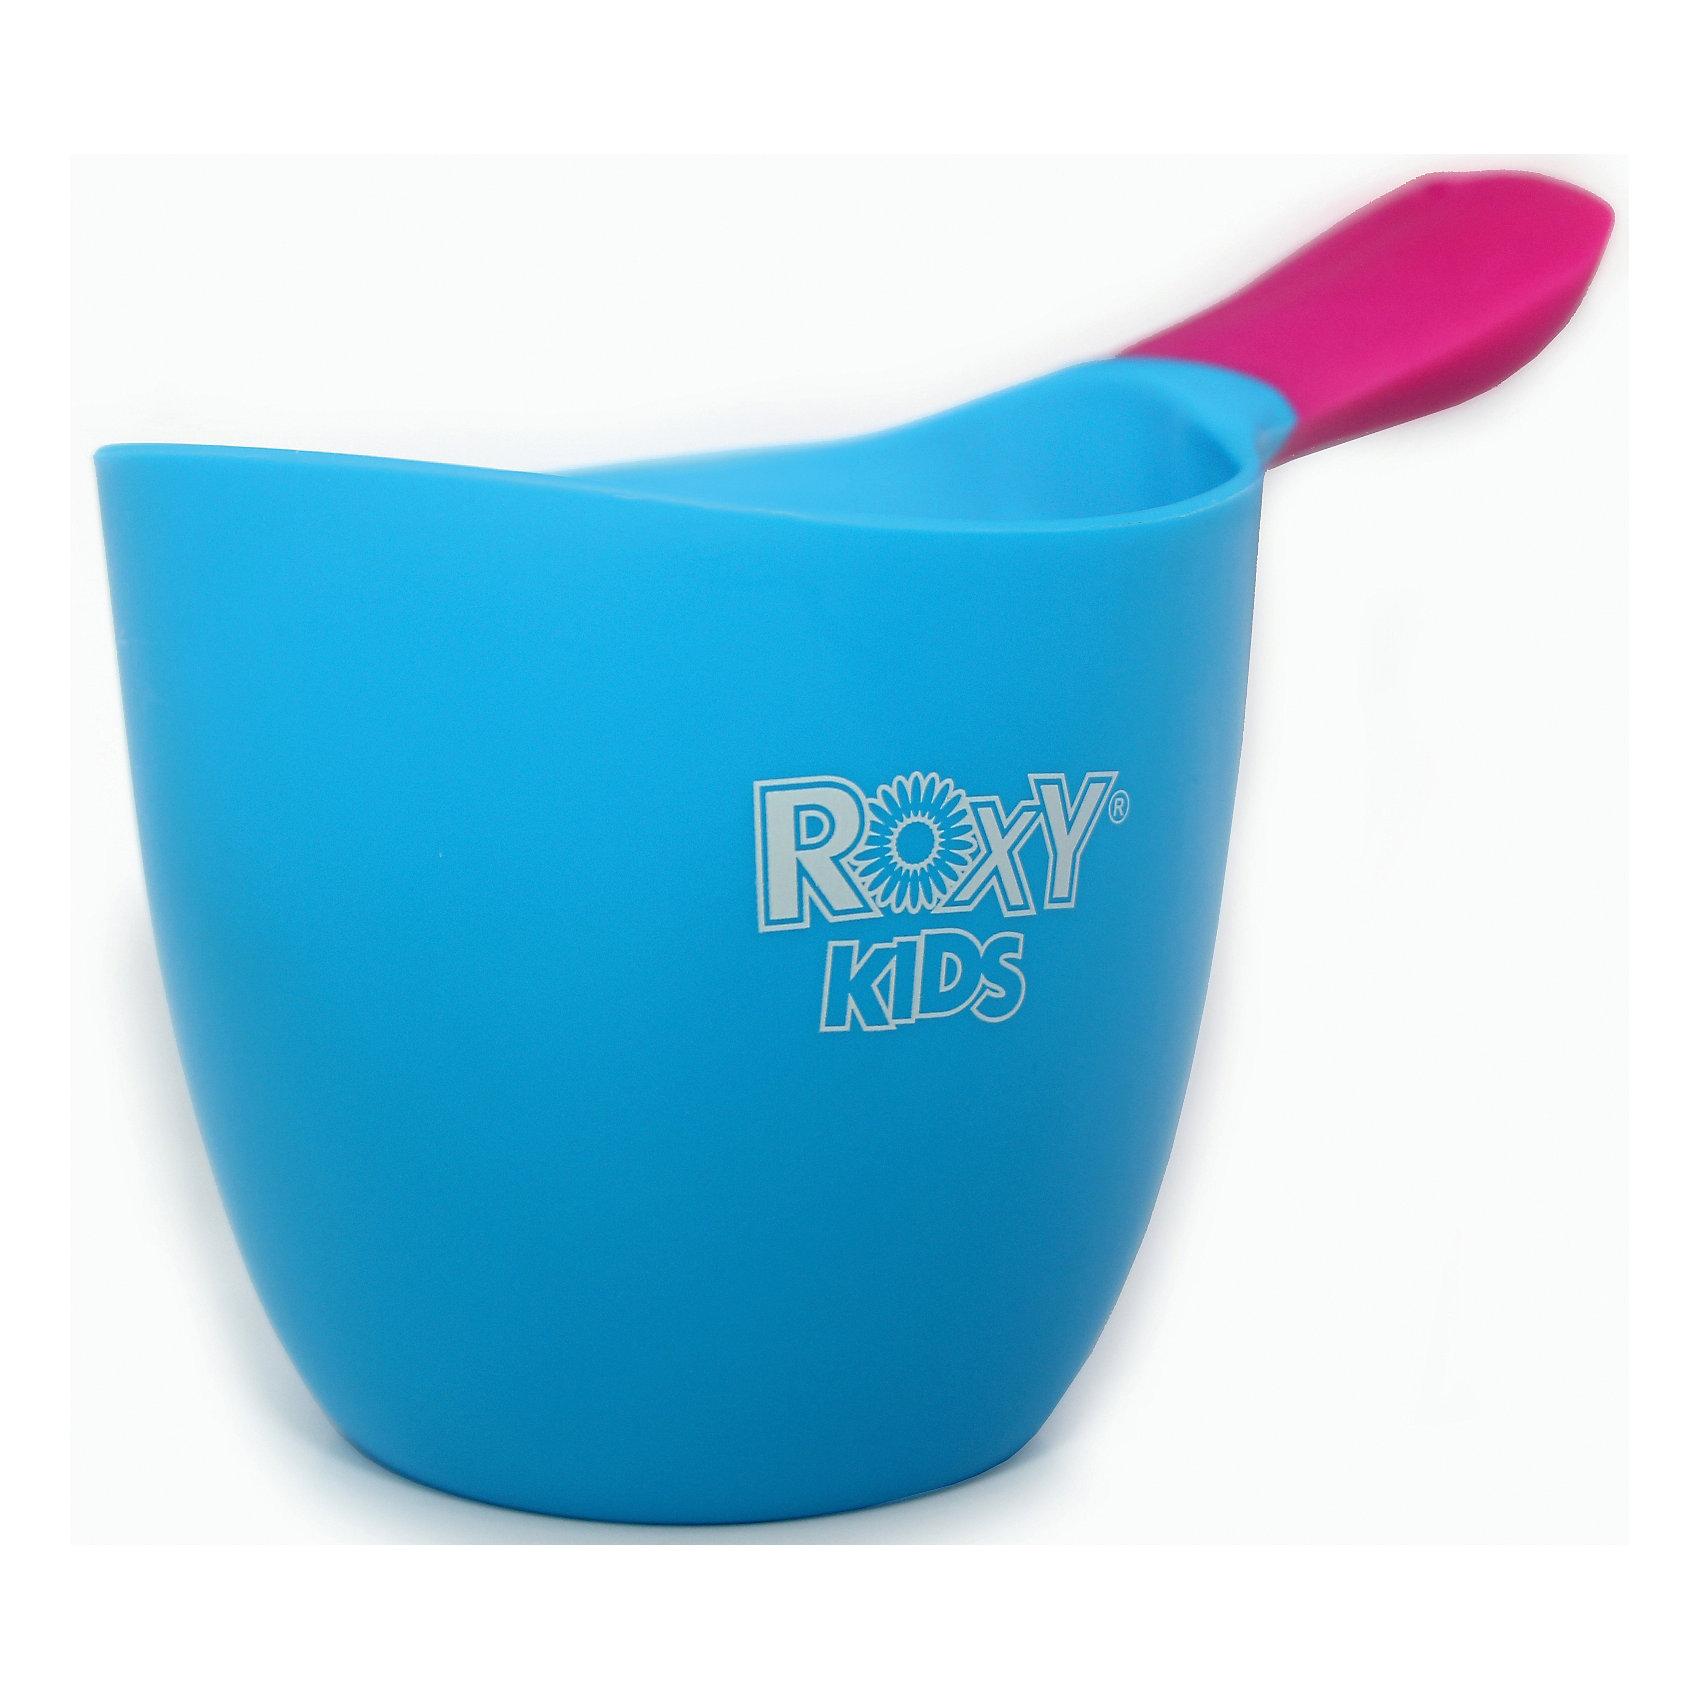 Ковшик для ванны, Roxy-kids, голубой (Roxy-Kids)